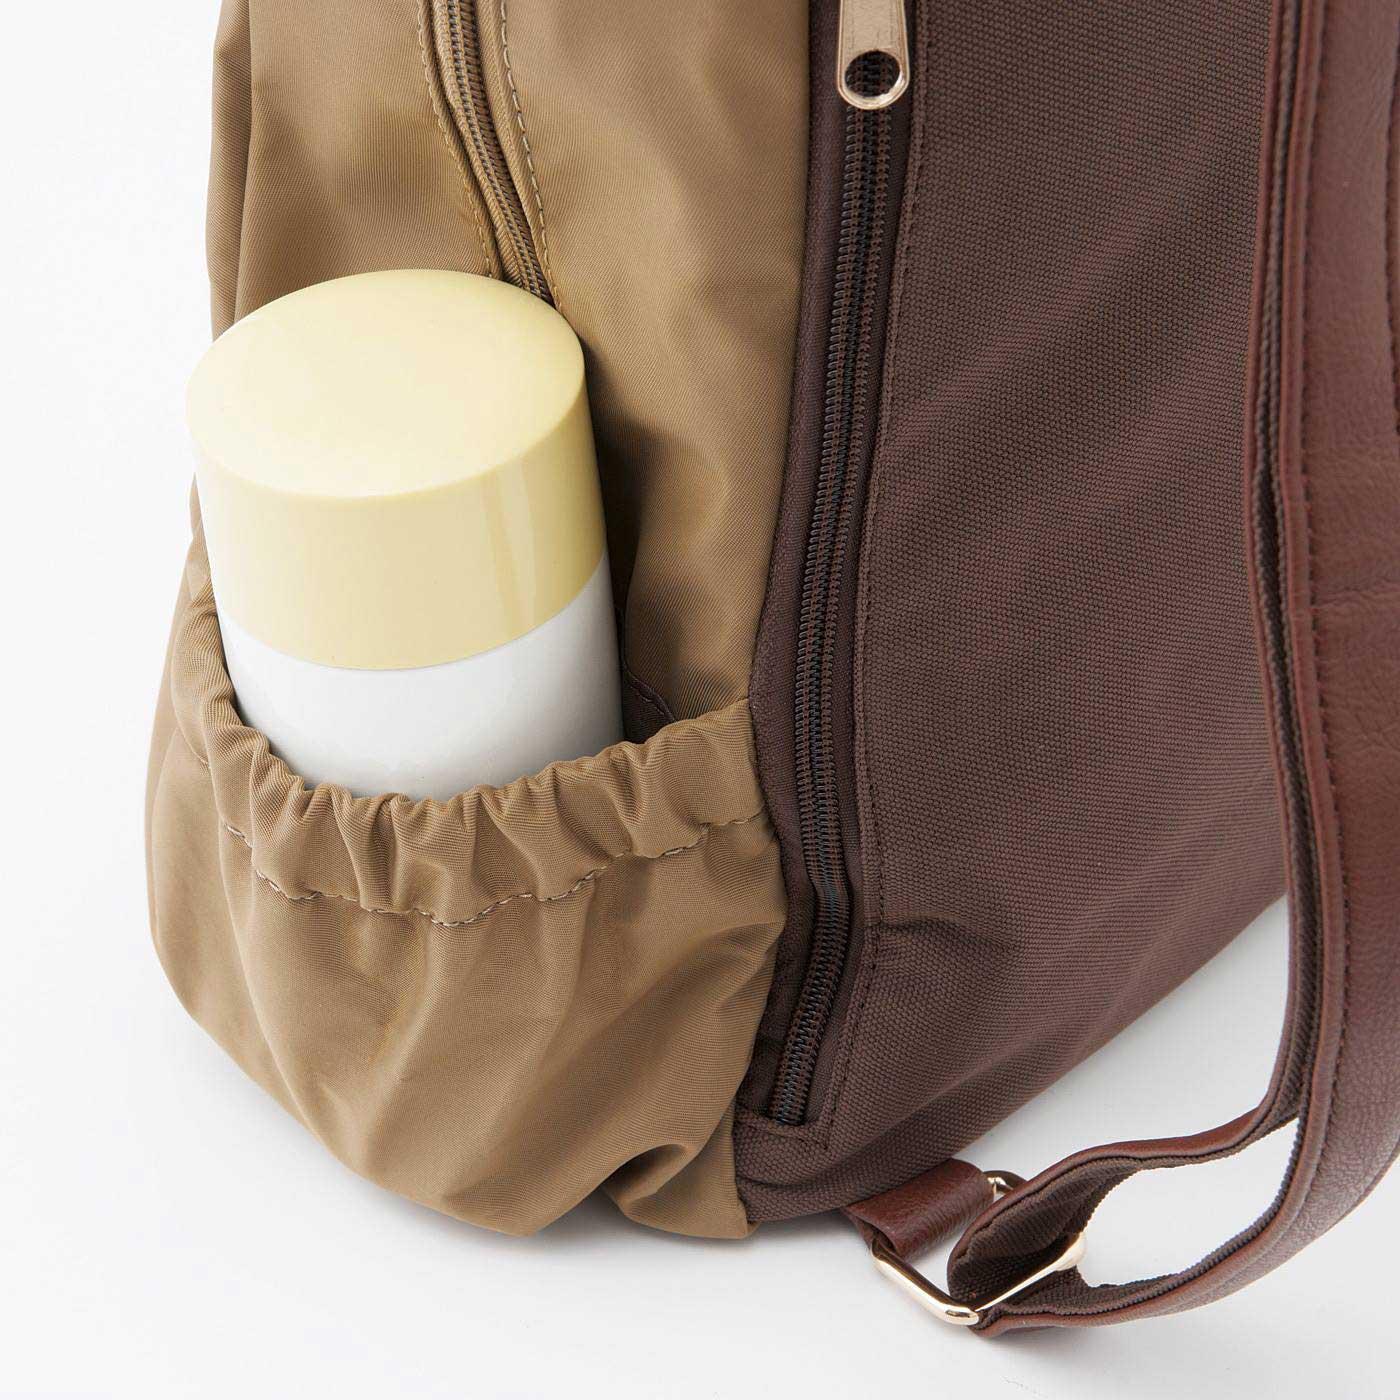 ペットボトルや折りたたみ傘が入る便利なゴム仕様のポケット。